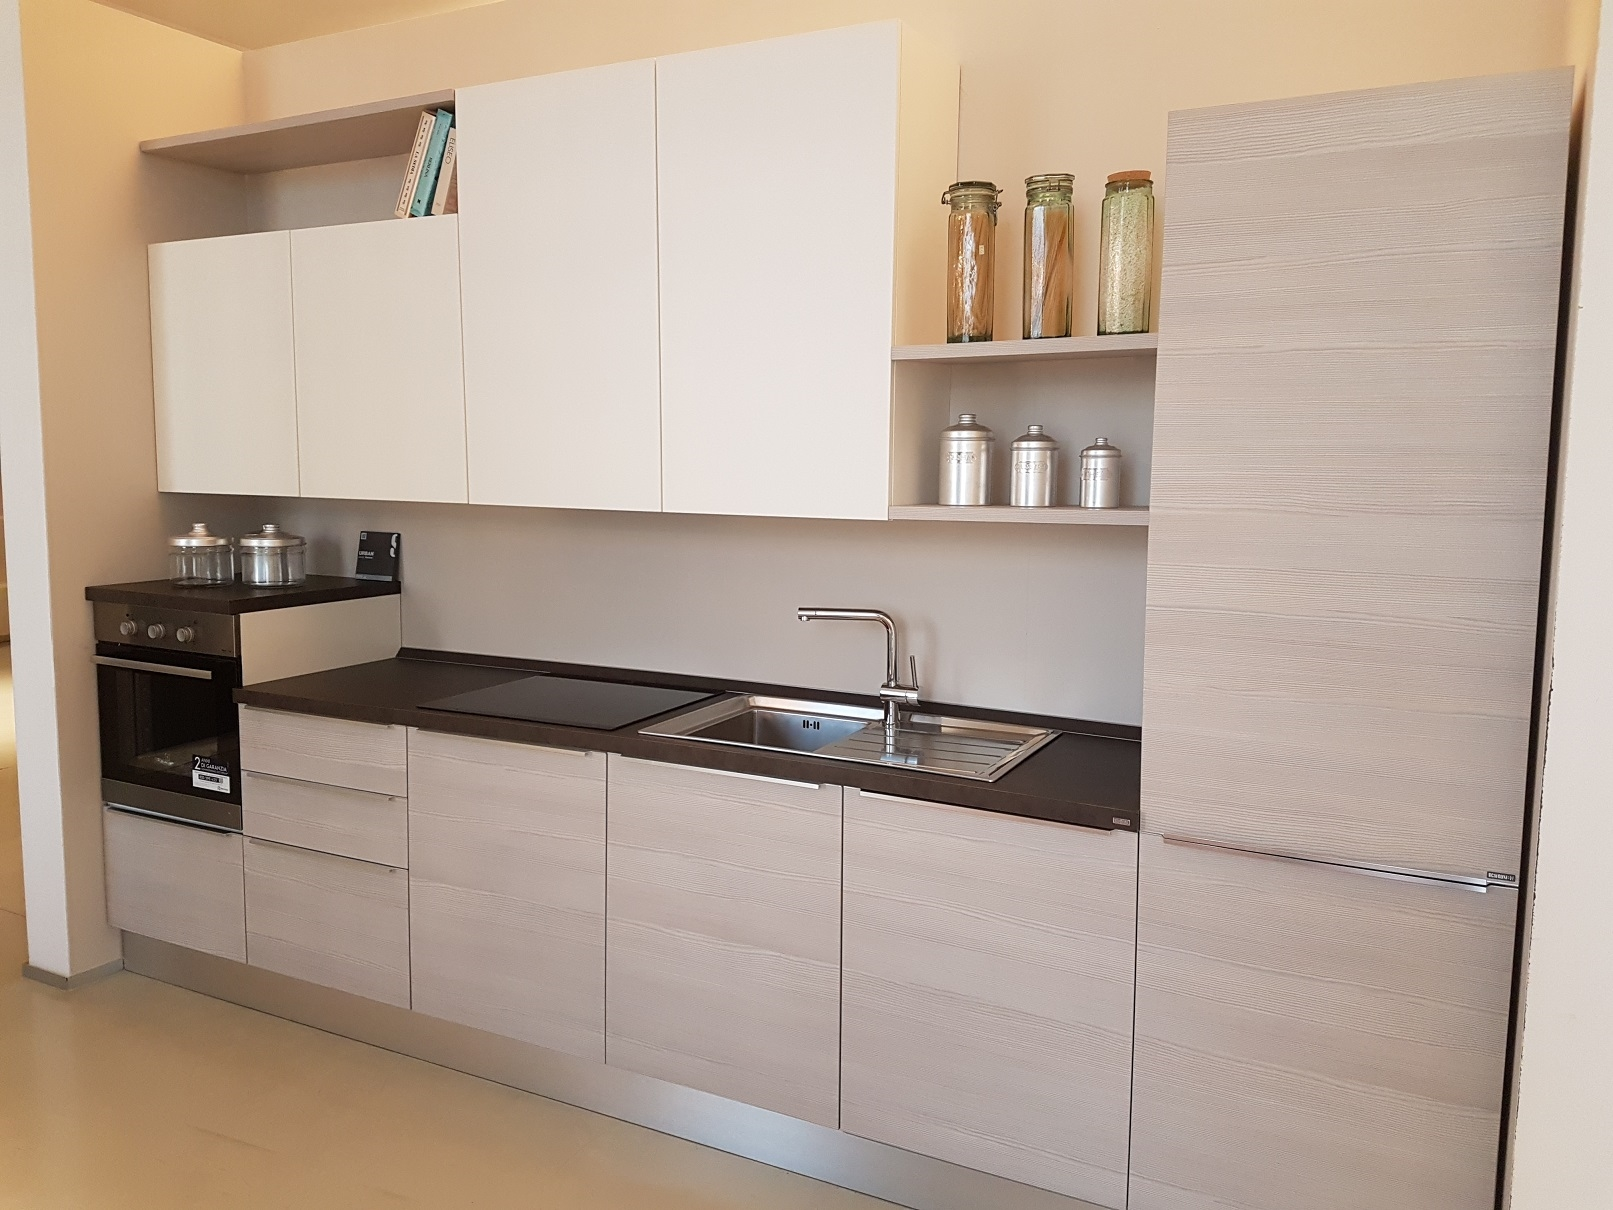 Cucina scavolini promozione urban cucine a prezzi scontati - Cucina a induzione prezzi ...